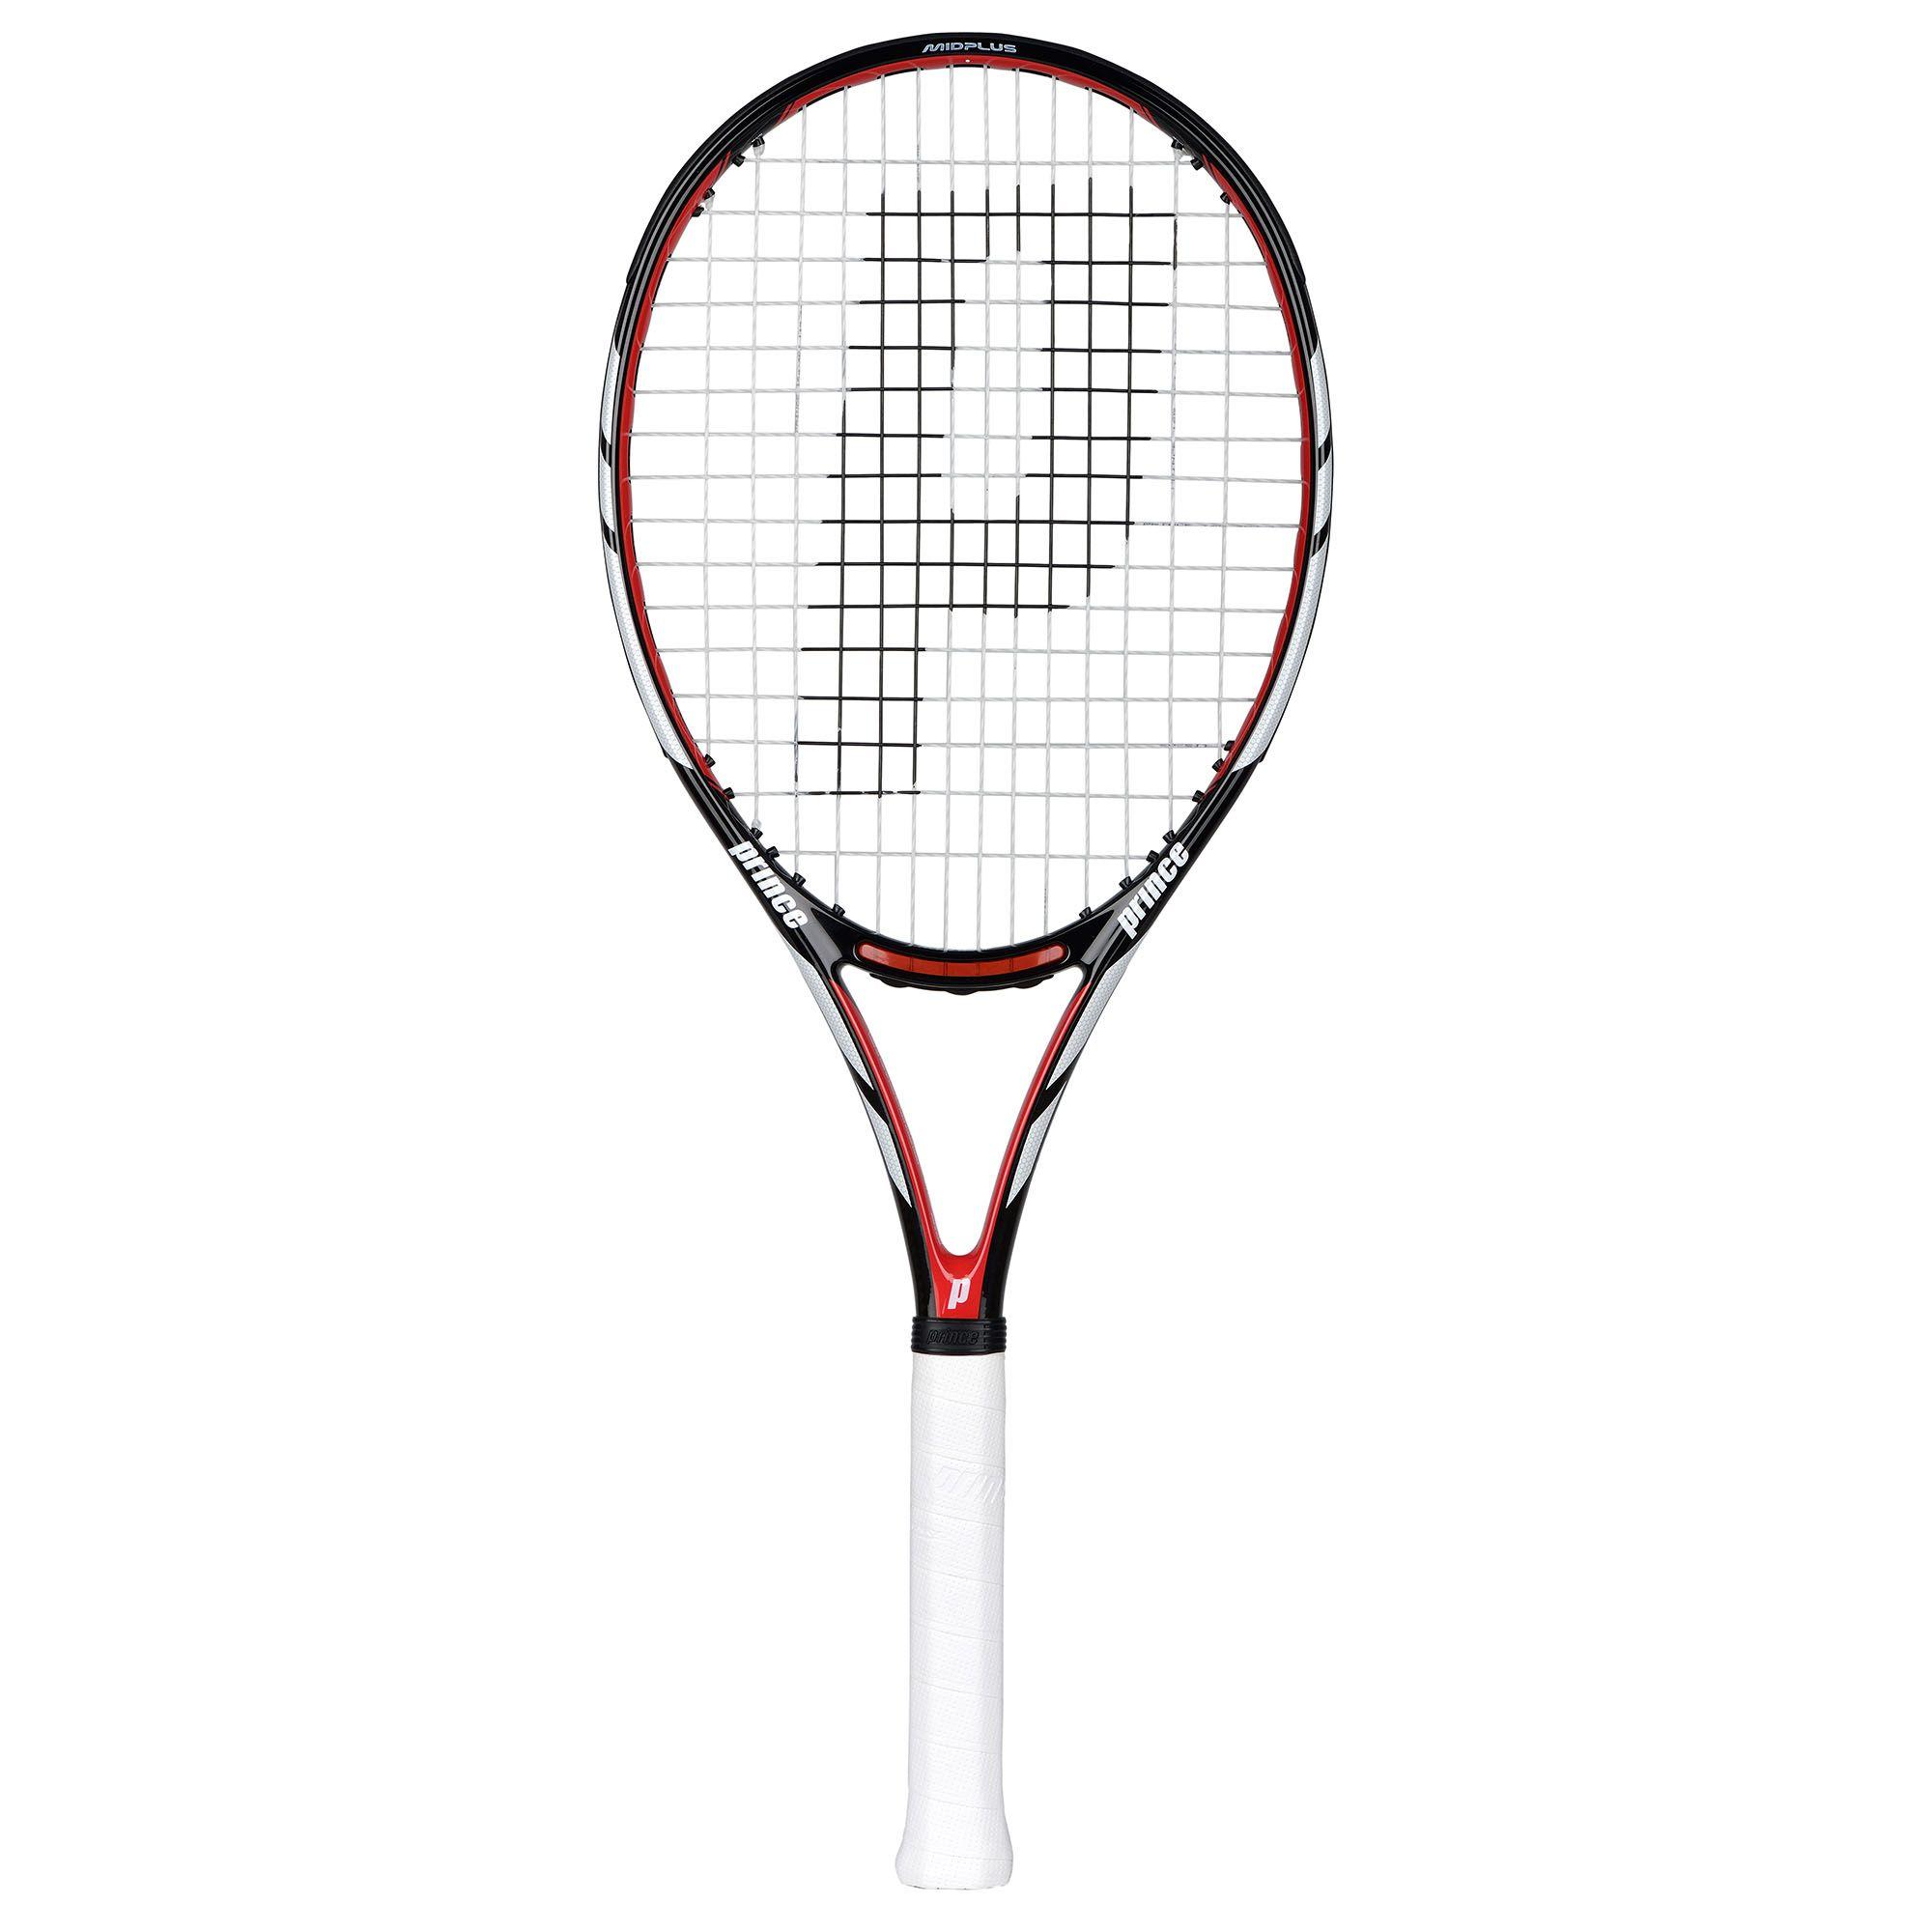 prince warrior 100l esp tennis racket. Black Bedroom Furniture Sets. Home Design Ideas